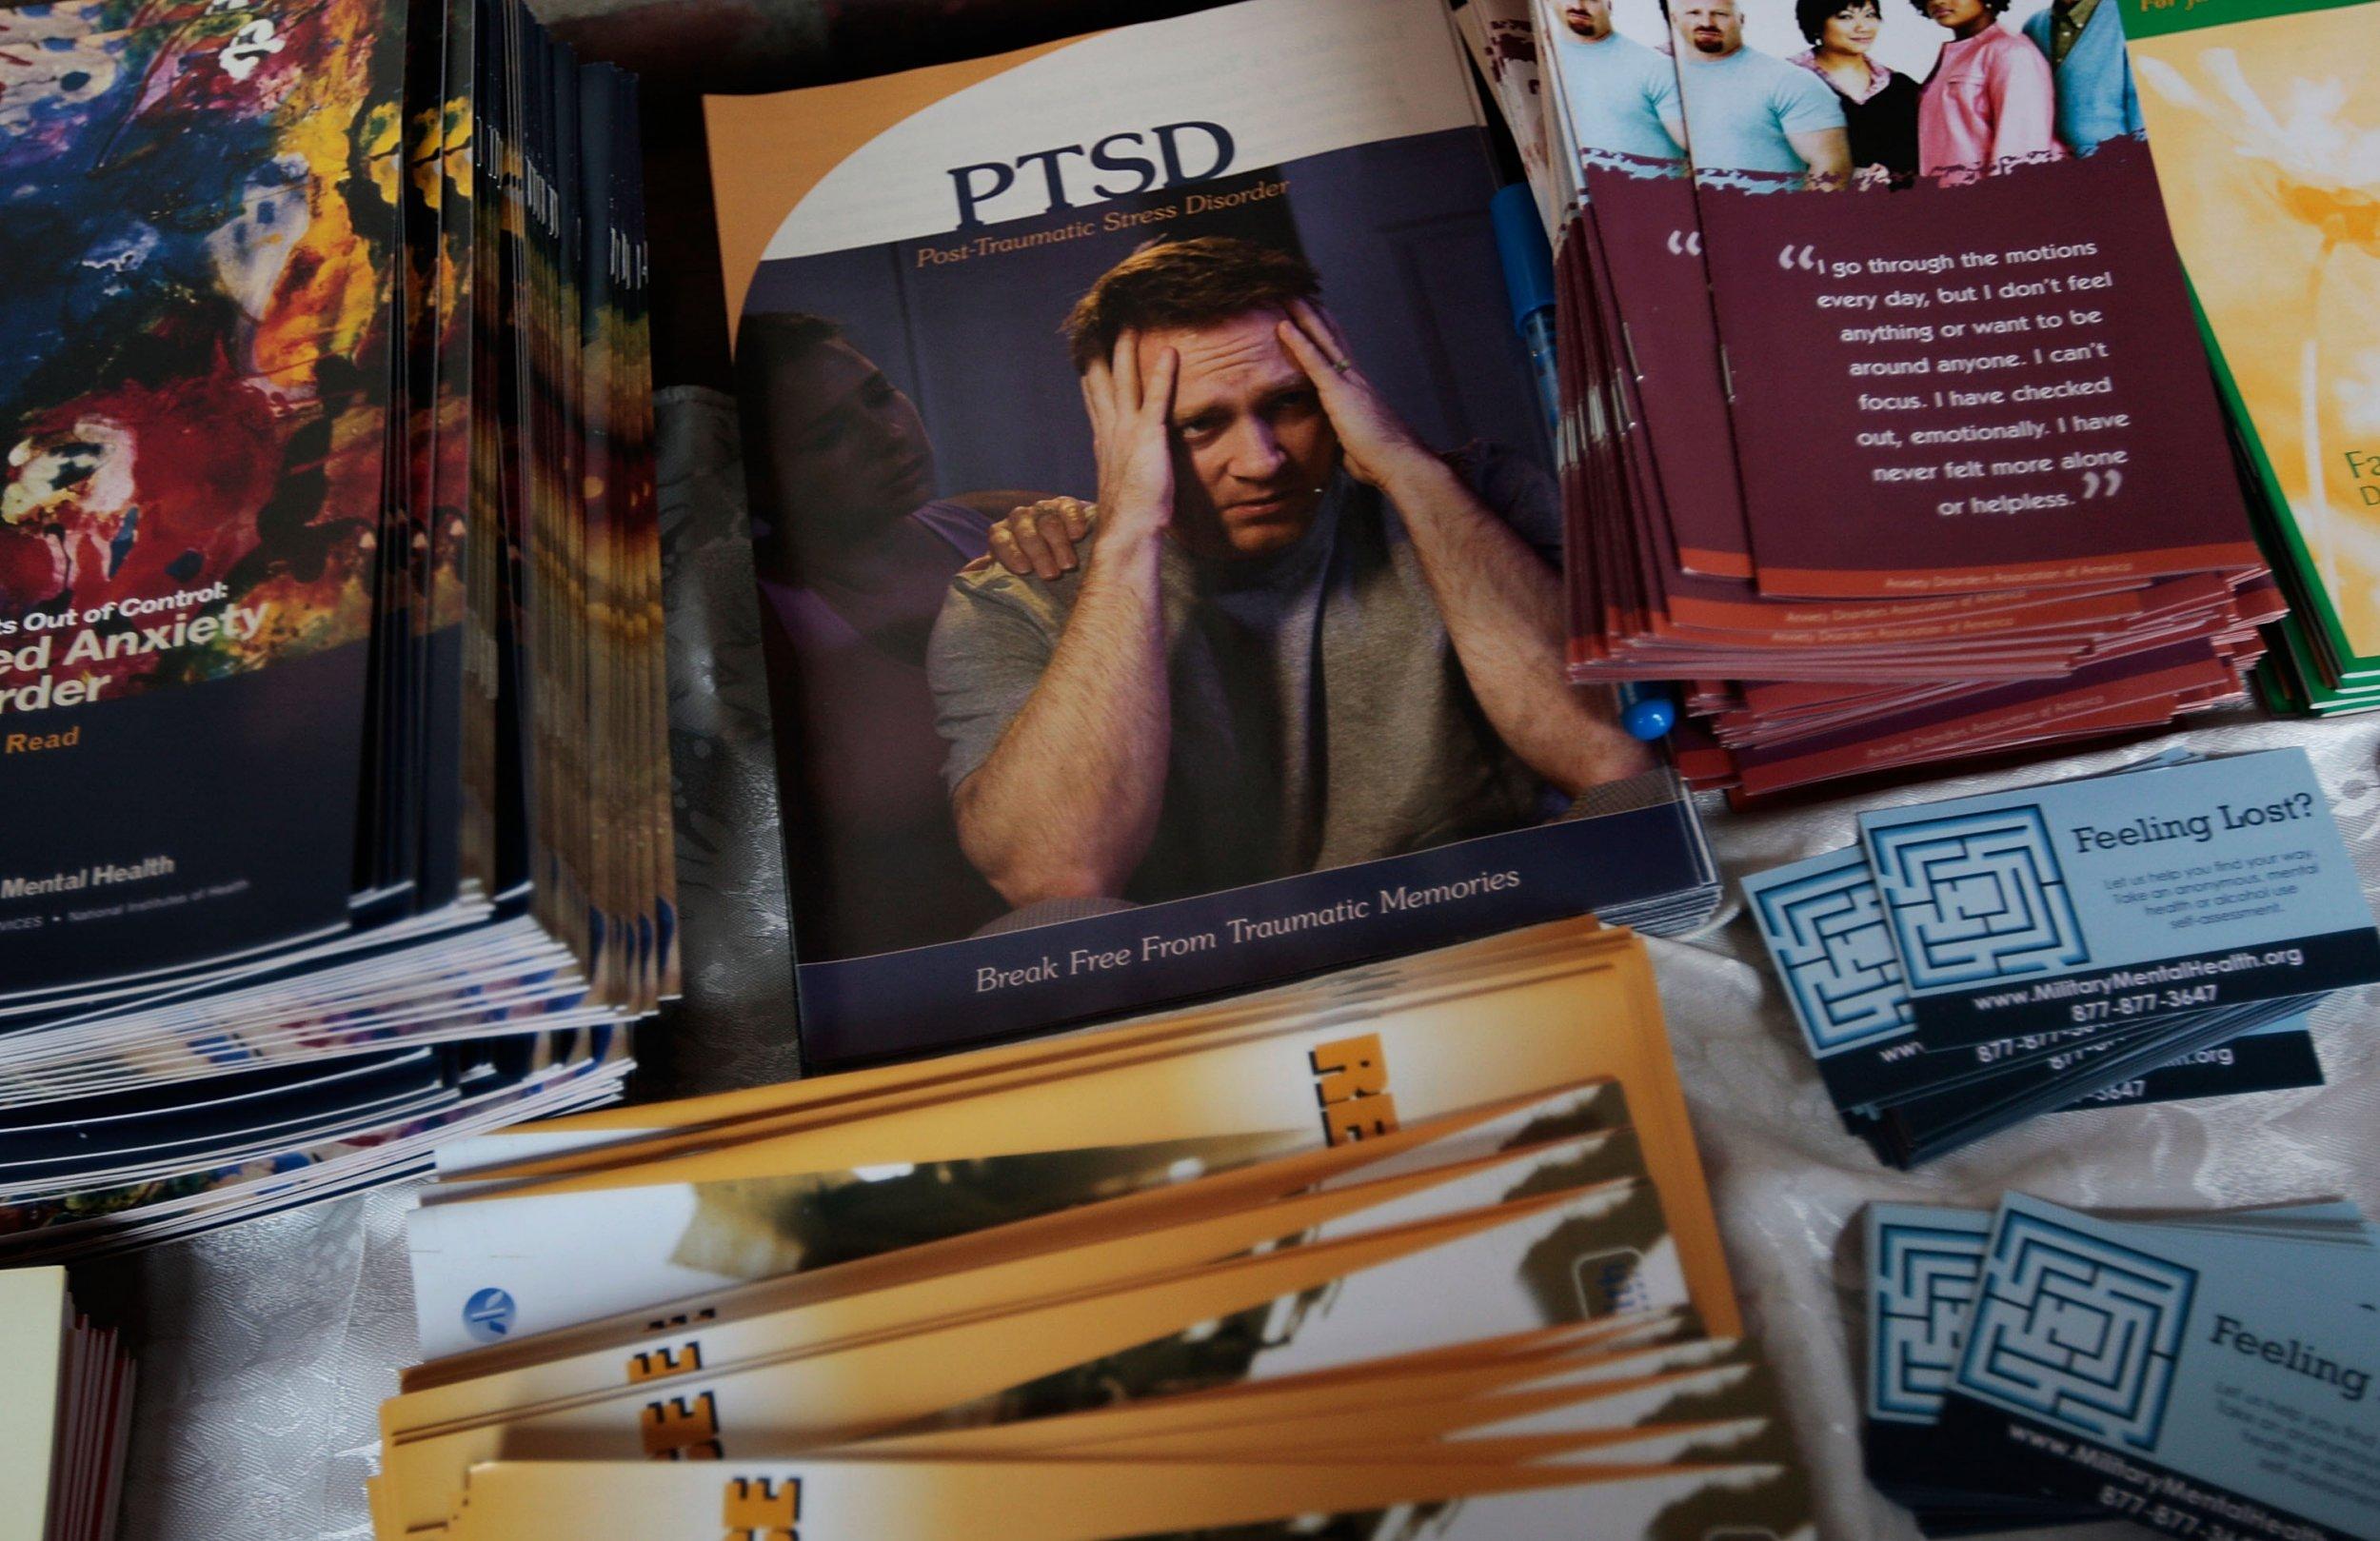 PTSD pamphlets